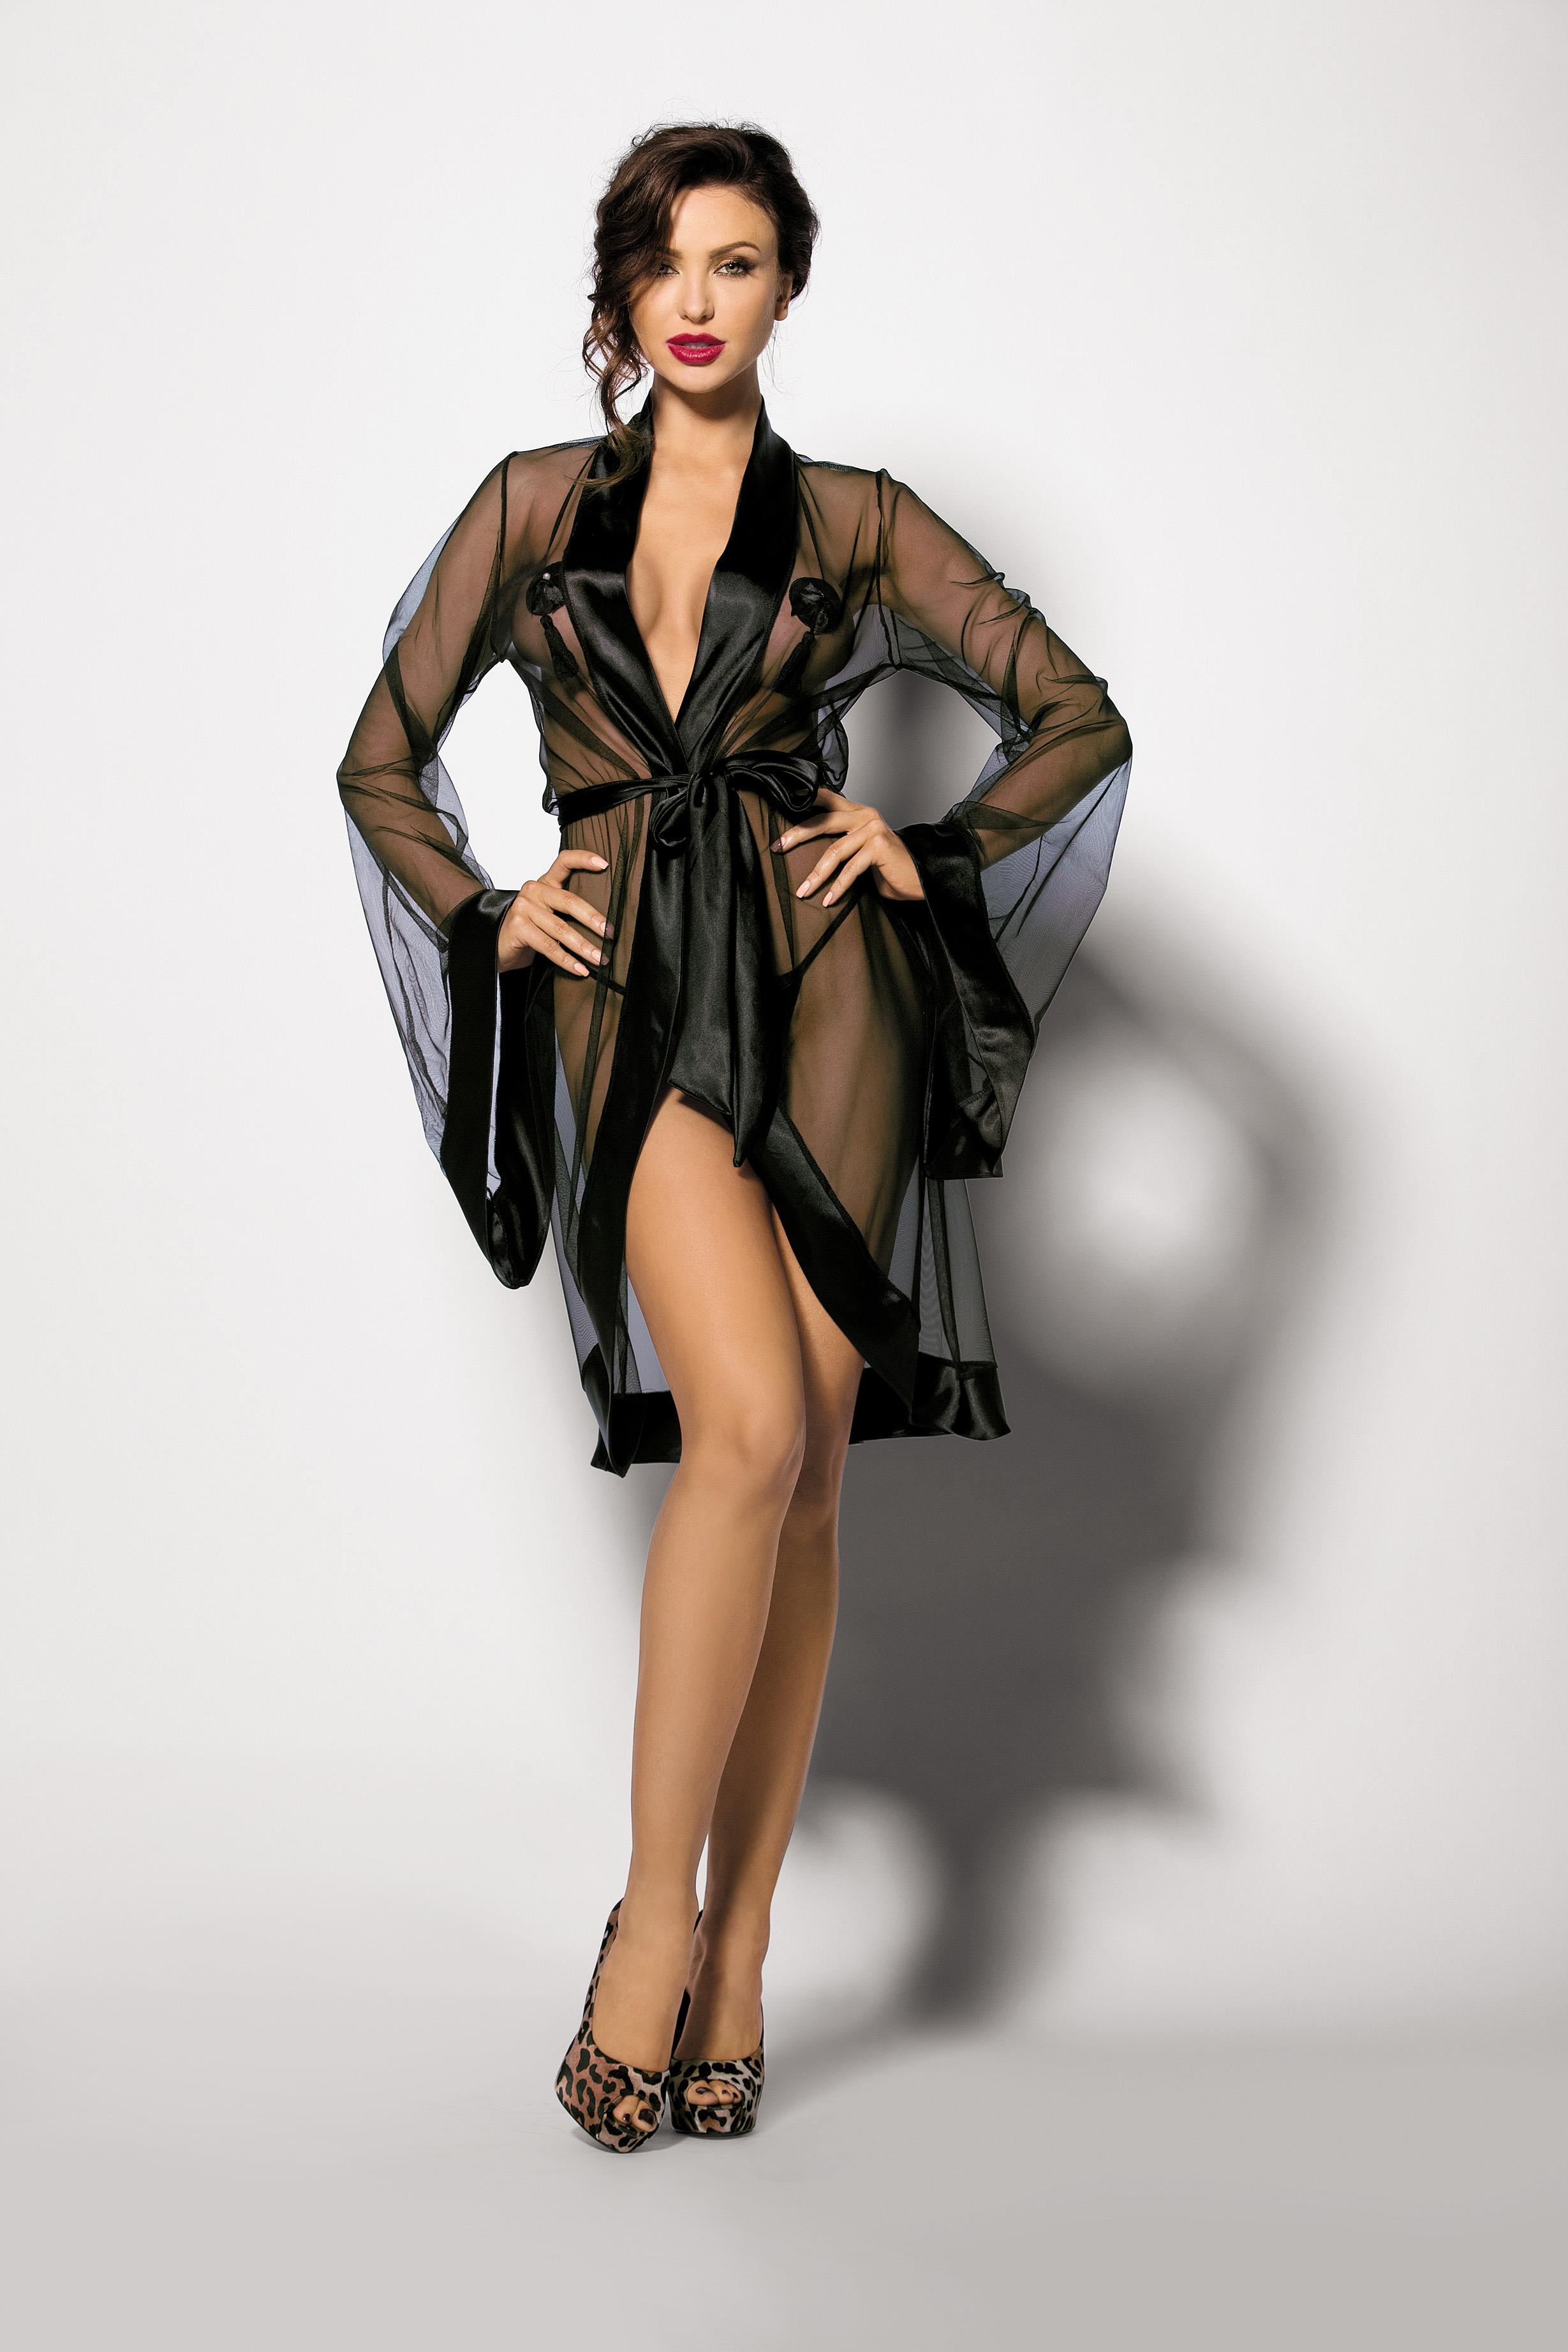 cool lingerie model - Monika